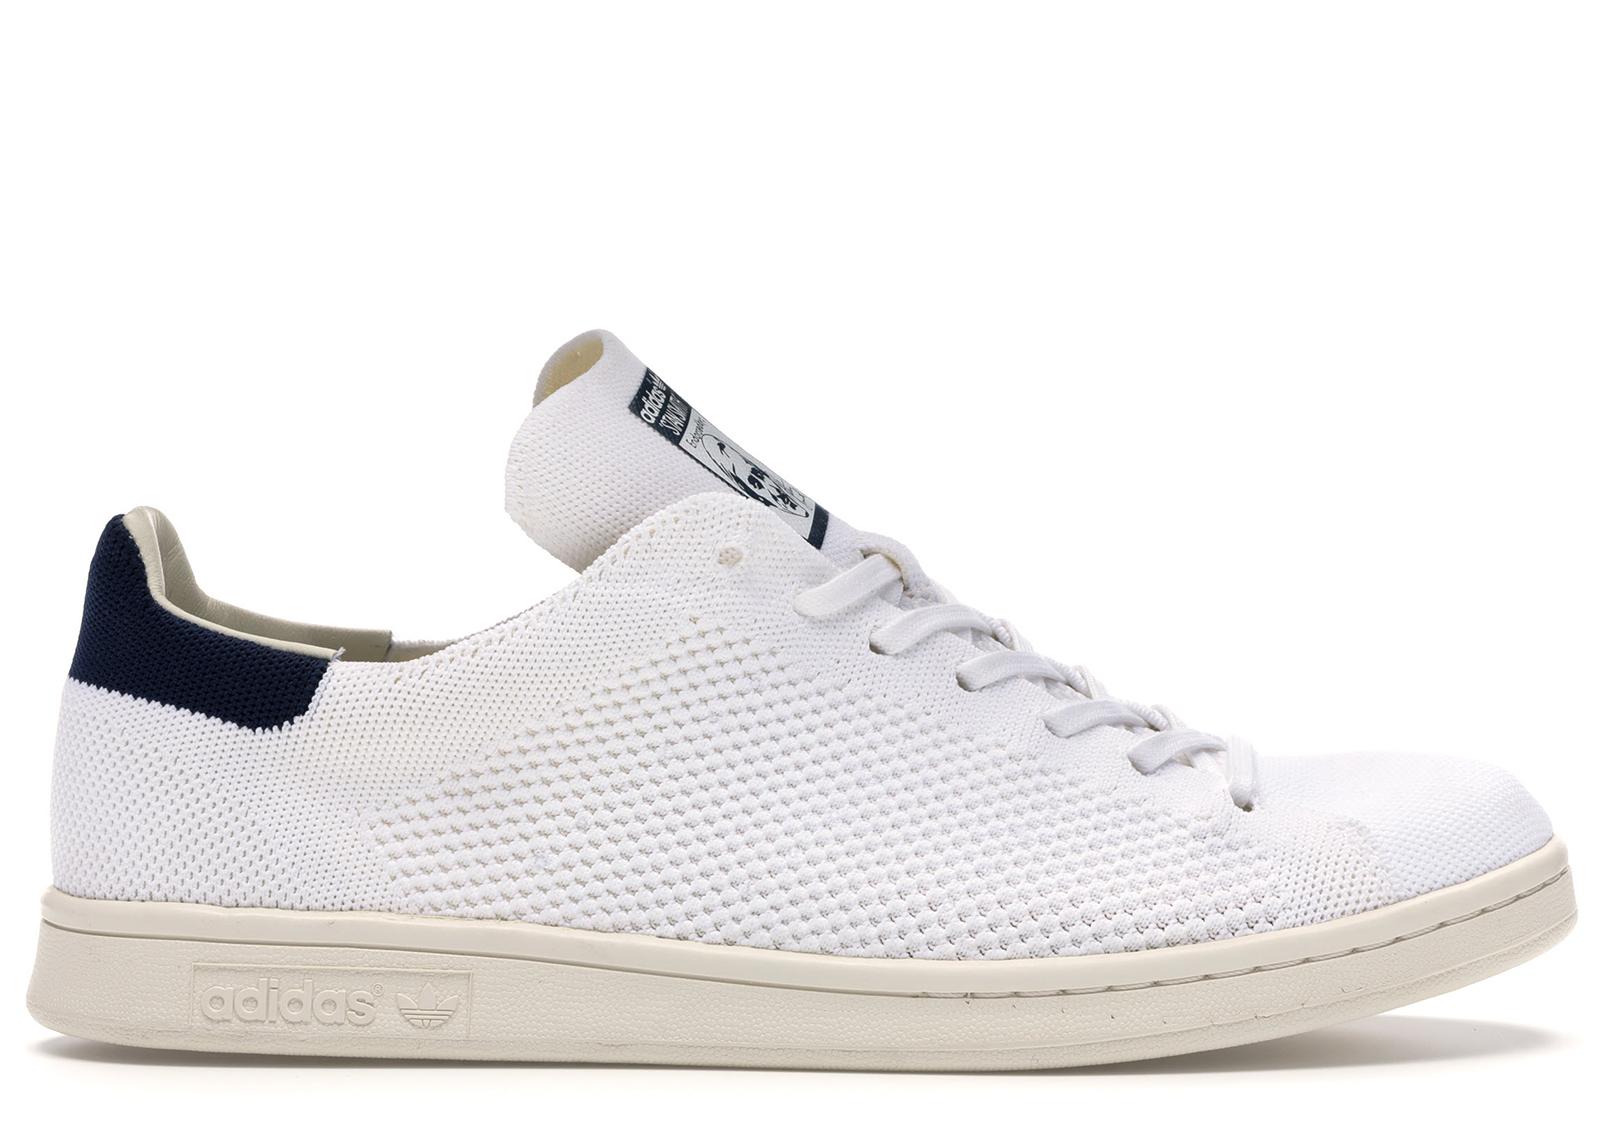 adidas stan smith 2 white blue